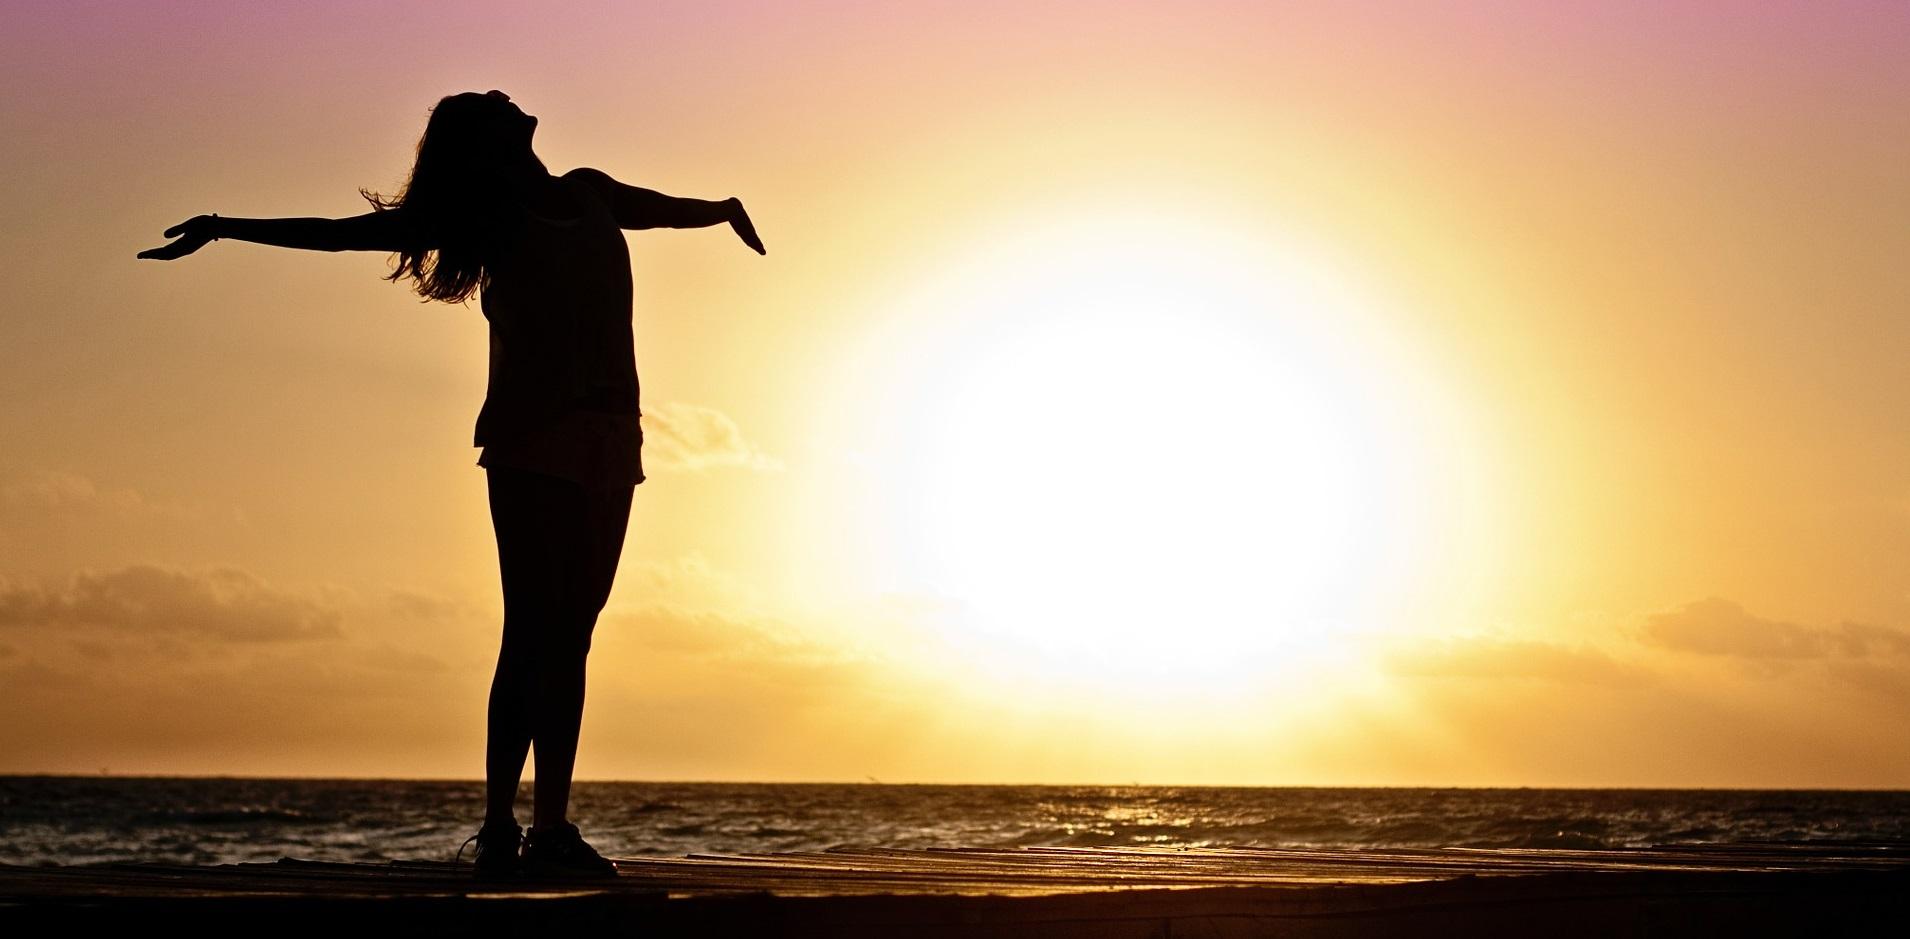 Dopolnjevanje prehrane z vitaminom D podaljšuje življenje in niža stroške